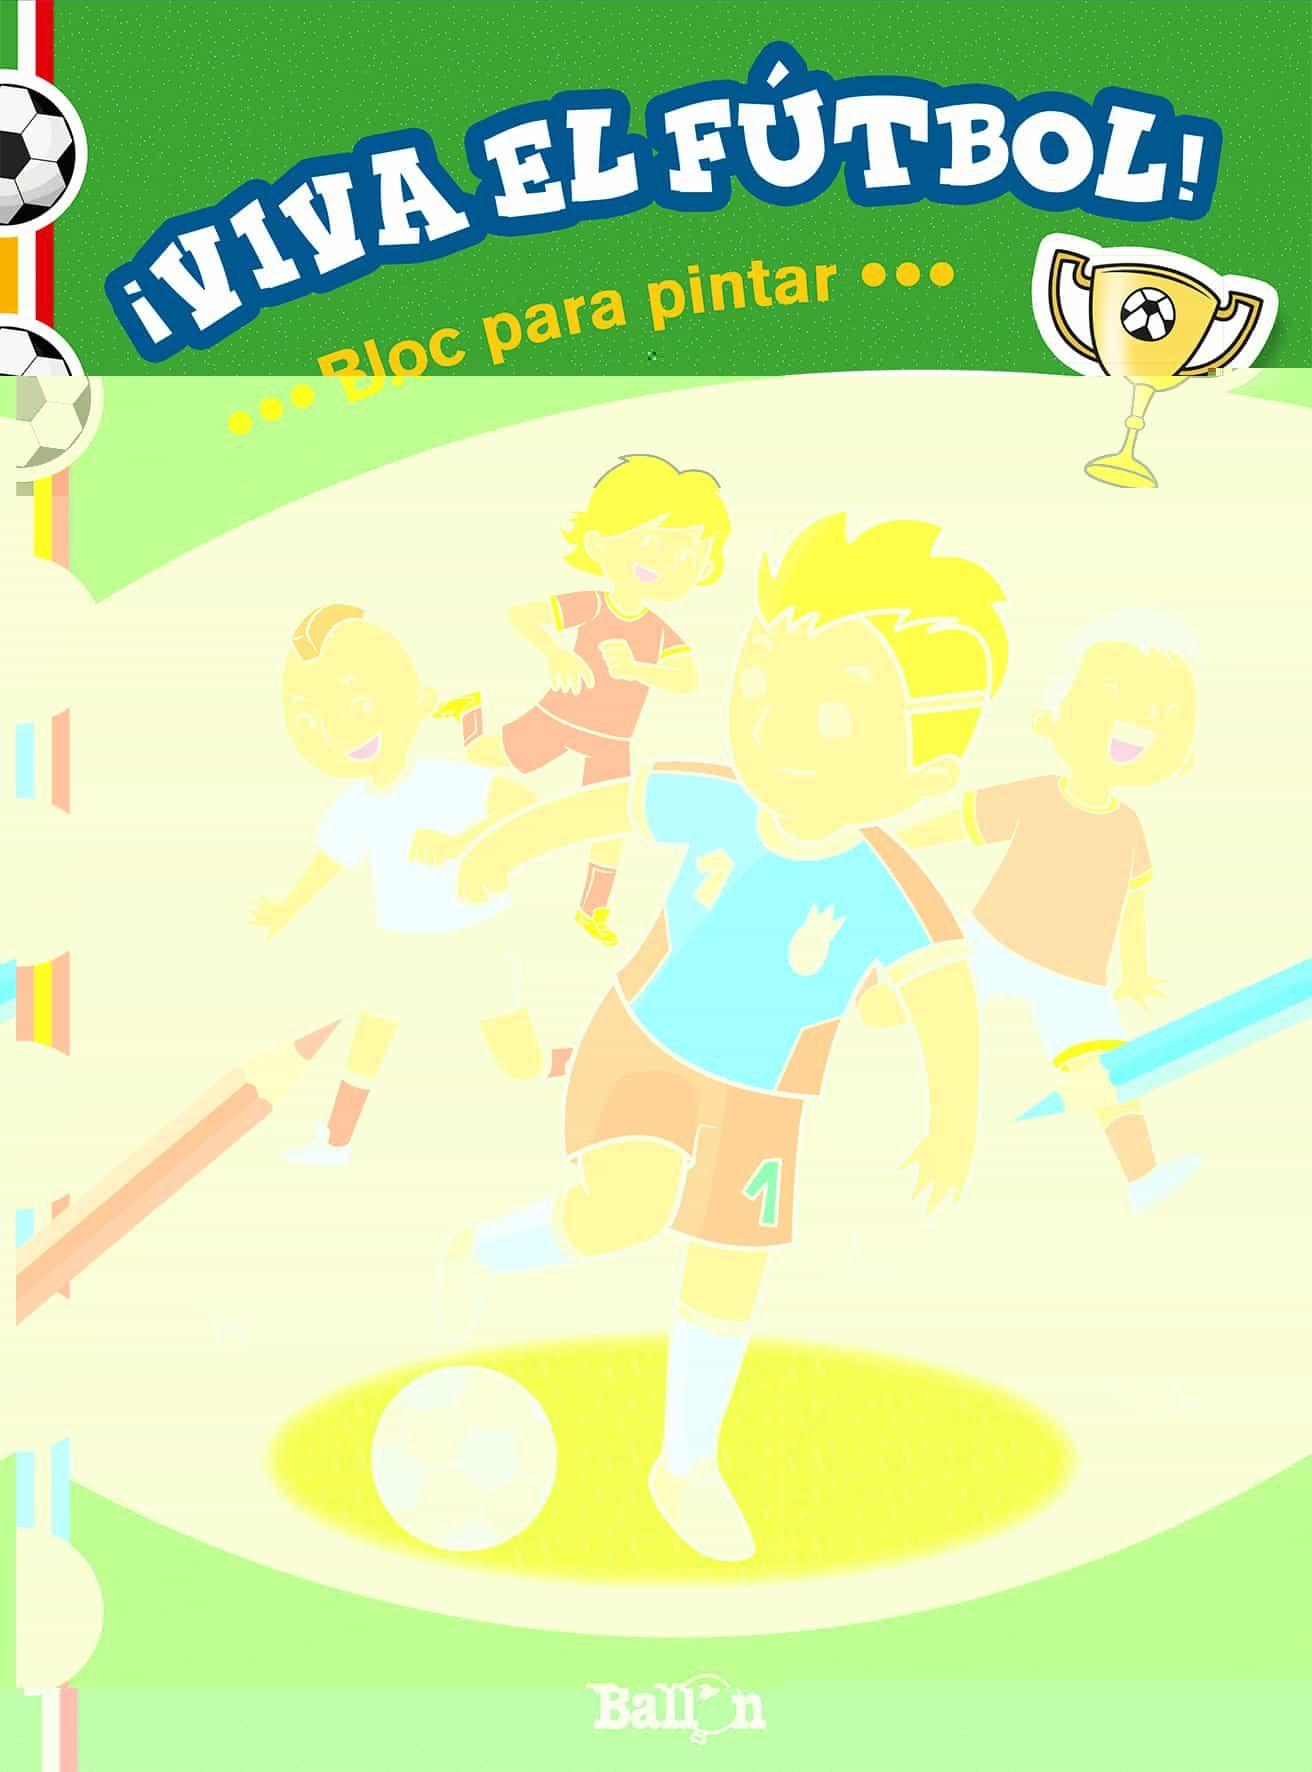 VIVA EL FUTBOL! BLOC PARA PINTAR | VV.AA. | Comprar libro 9789463072267